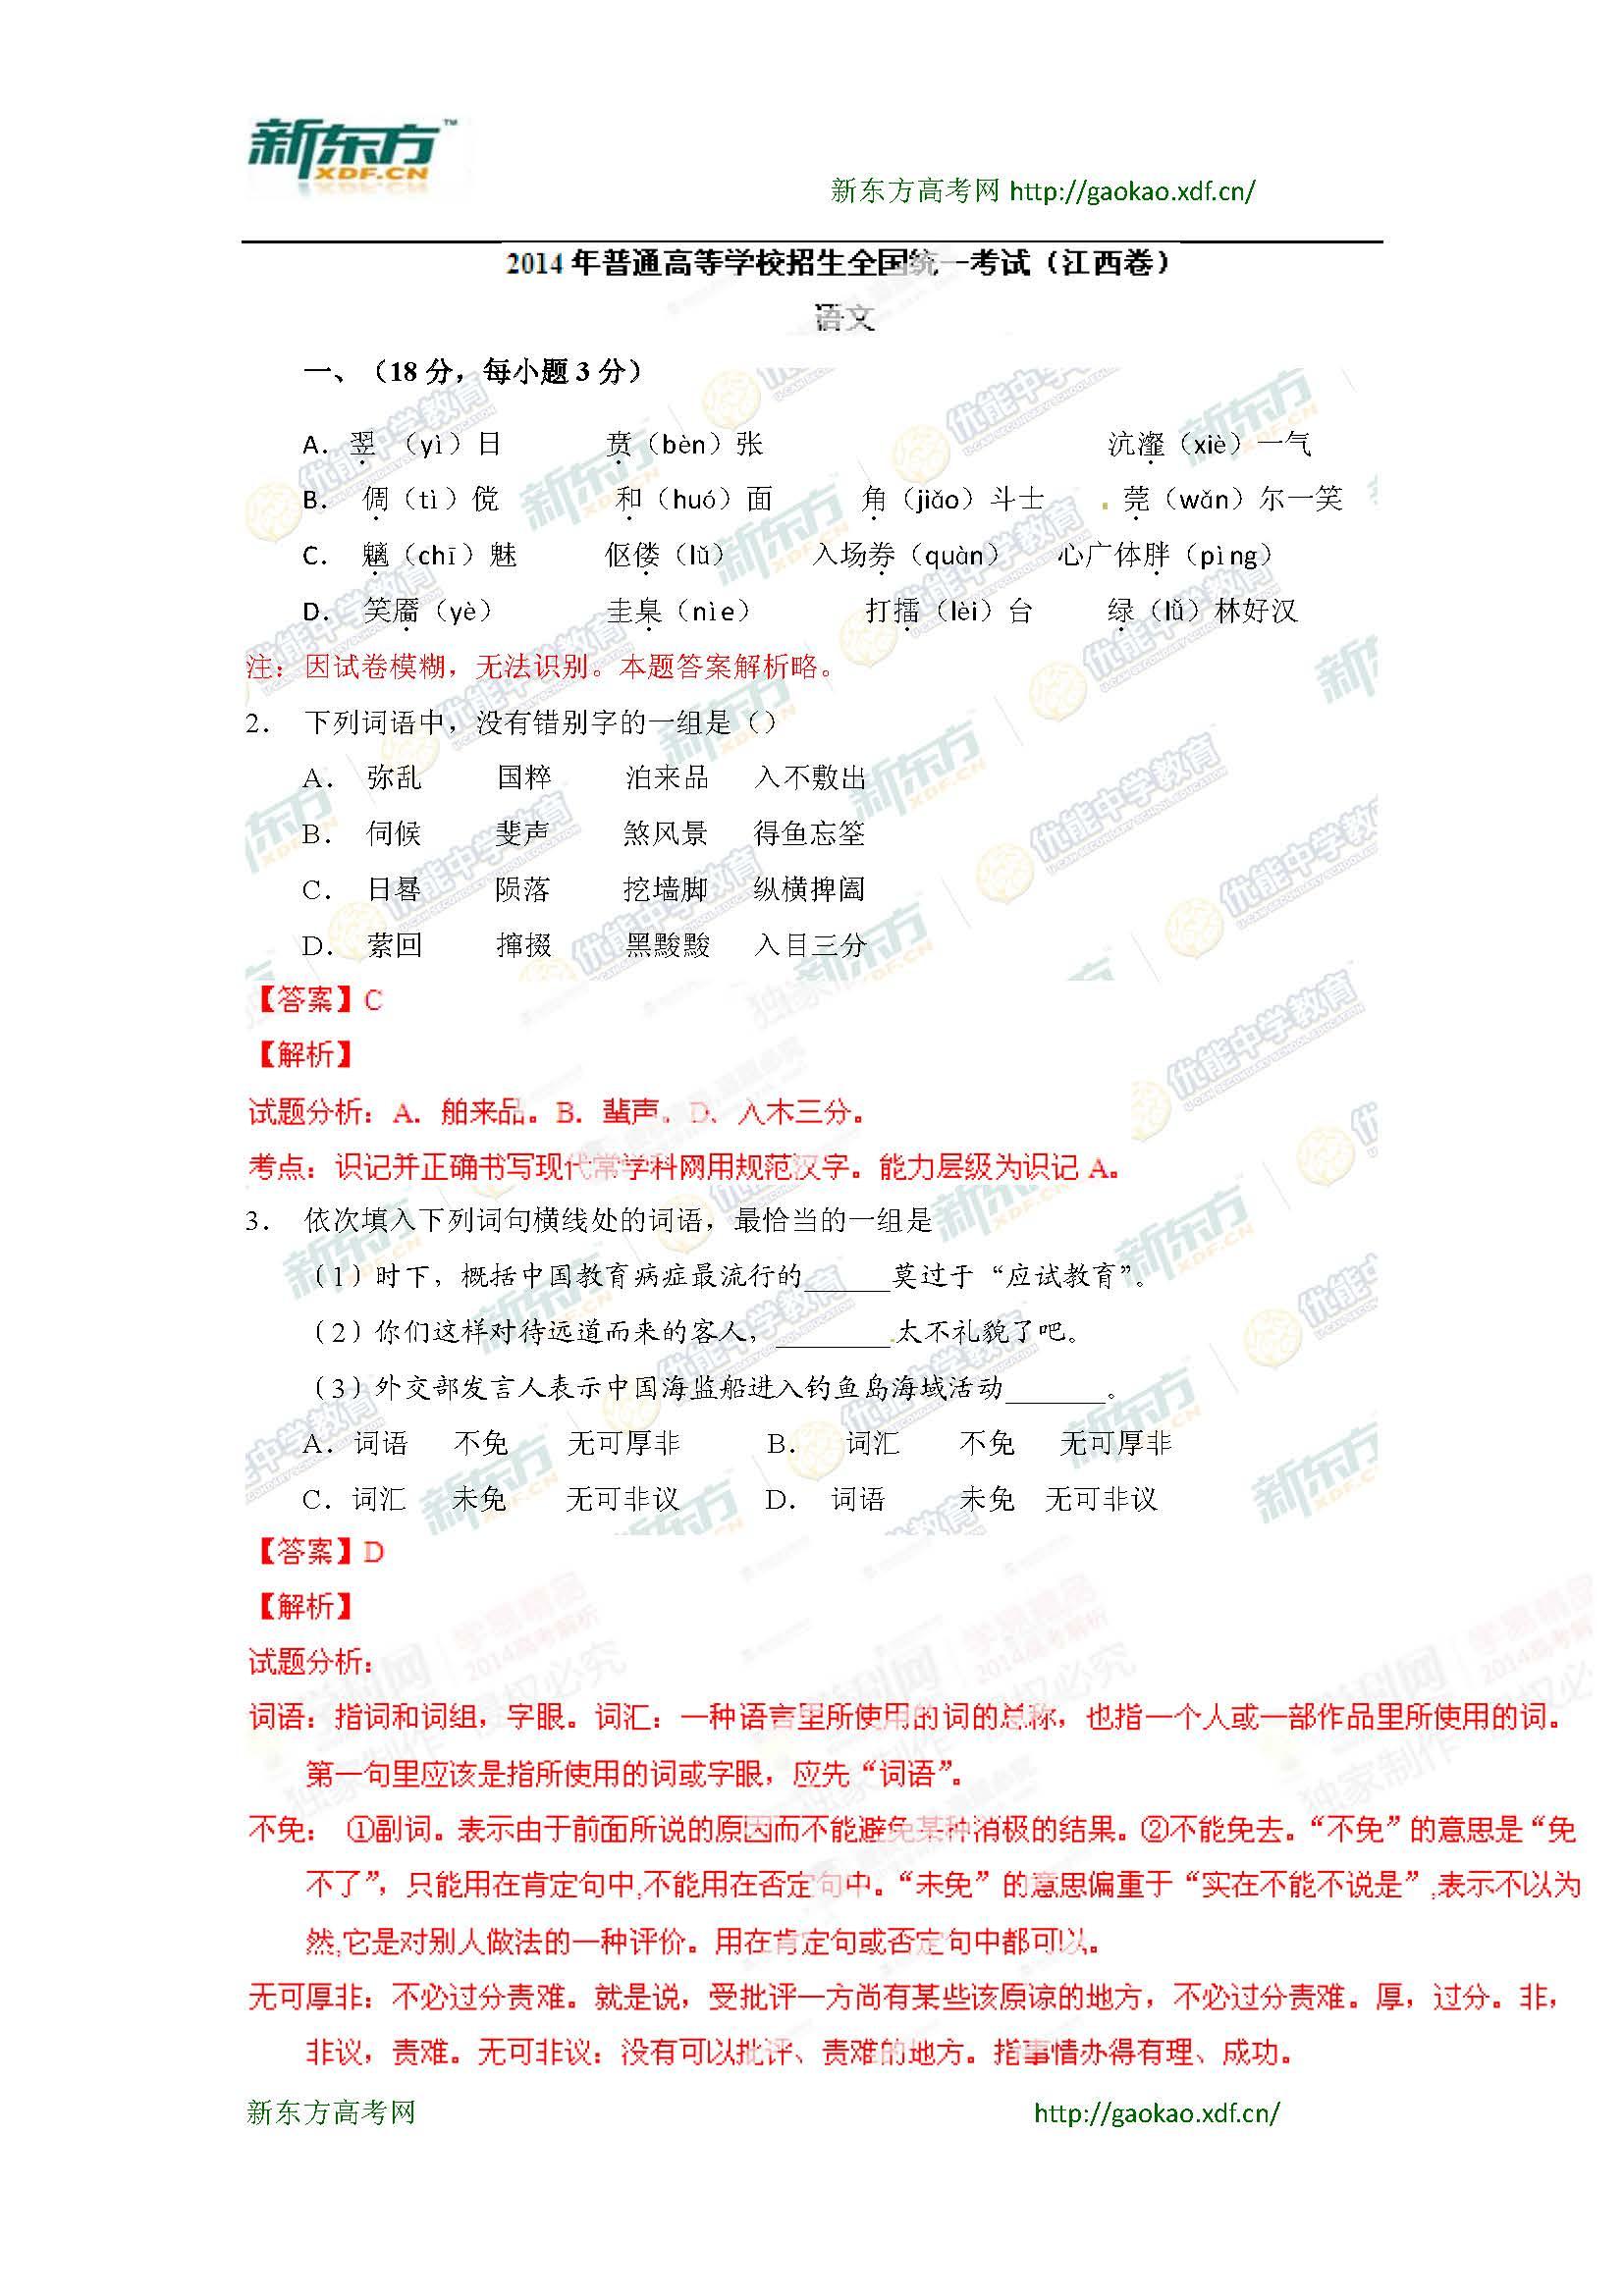 【2014江西高考语文试题及答案(图片版)】-突袭网